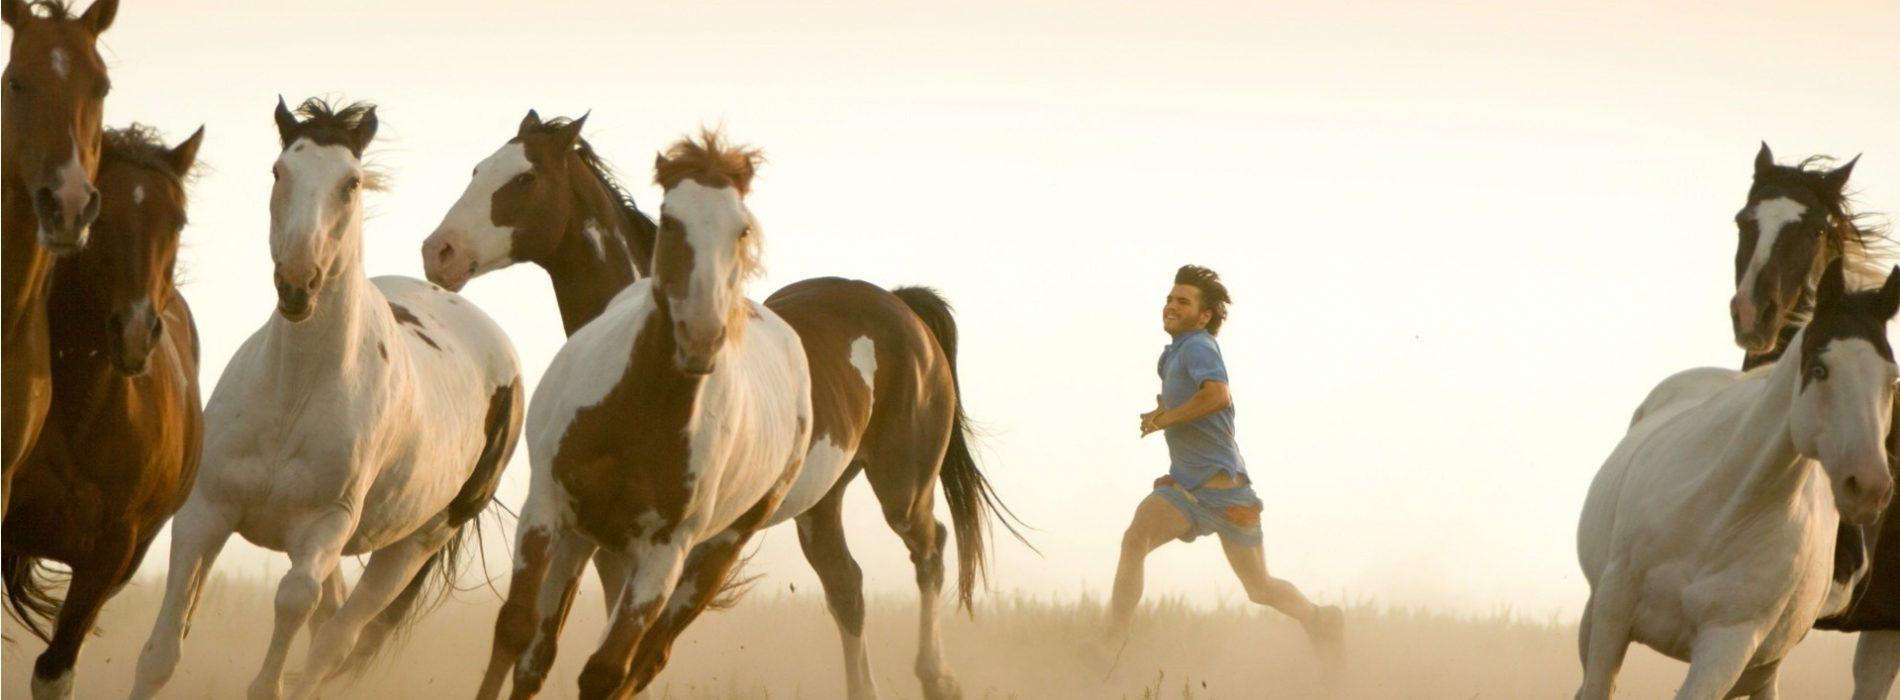 Into the Wild Filmiyle Tanıdığımız Alexander Supertramp'ın Gerçek Yaşamından Kareler